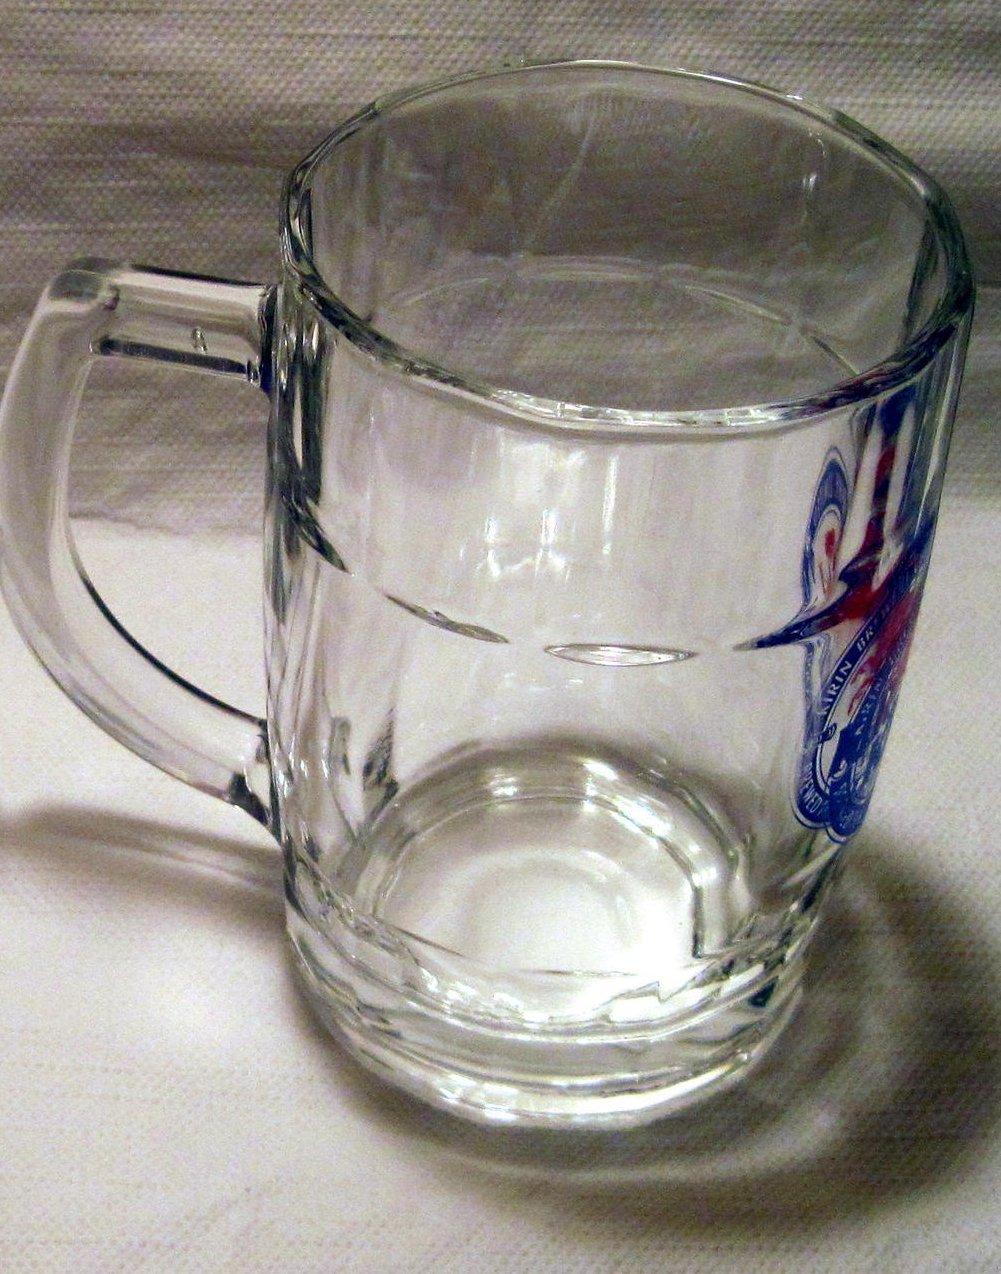 Image 3 of Kirin Beer Mug Japanese 10 oz NIB OOS